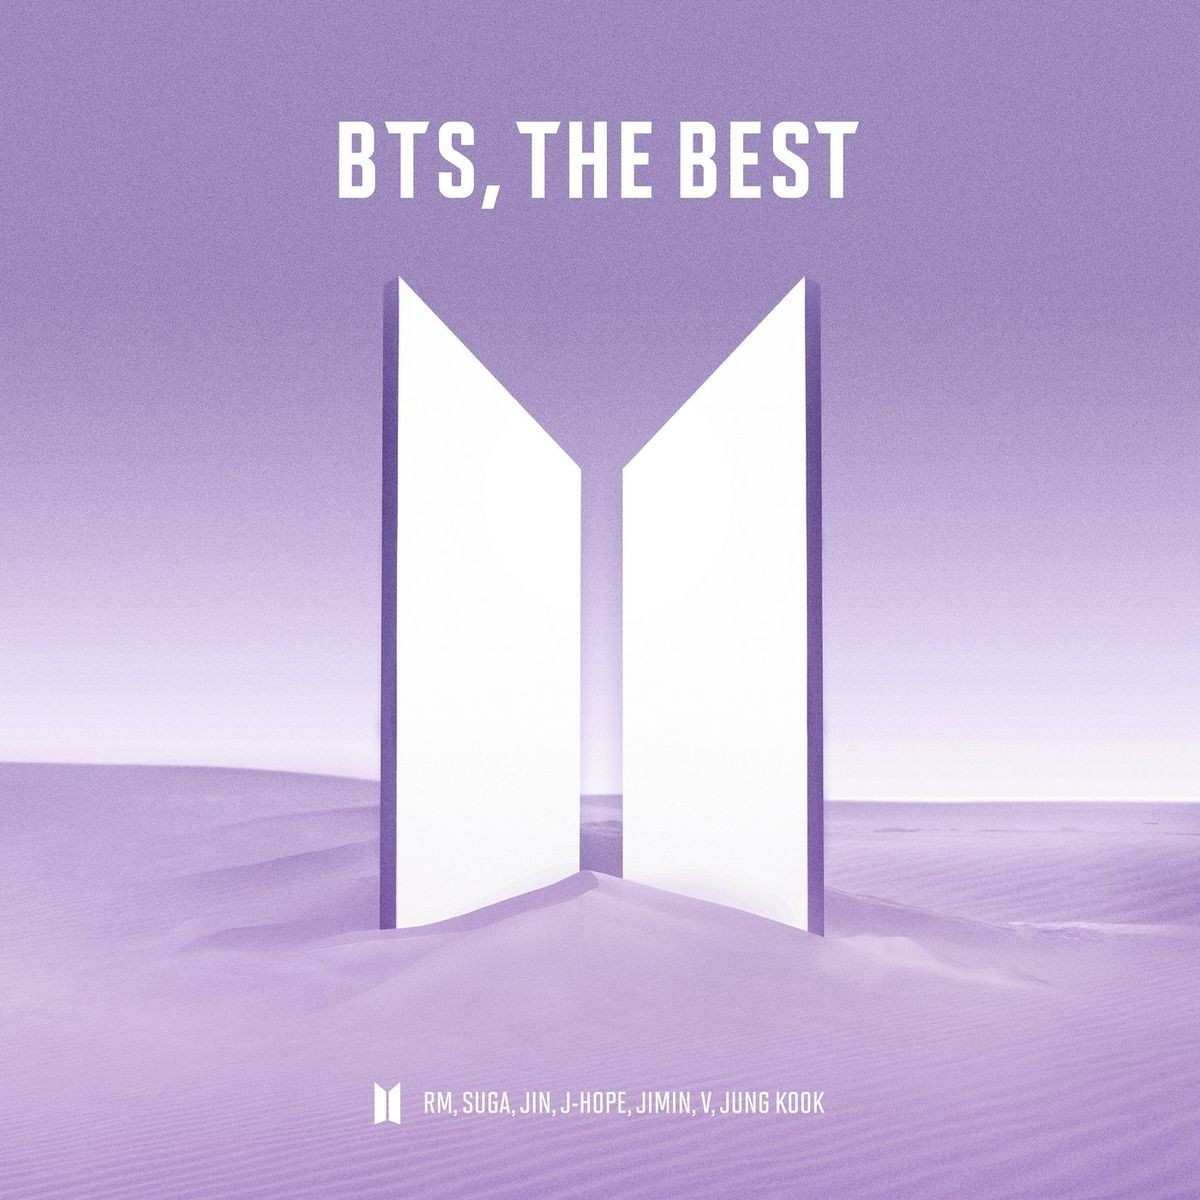 [Album] BTS – BTS, THE BEST [FLAC + MP3 320 / WEB] [2021.06.16]